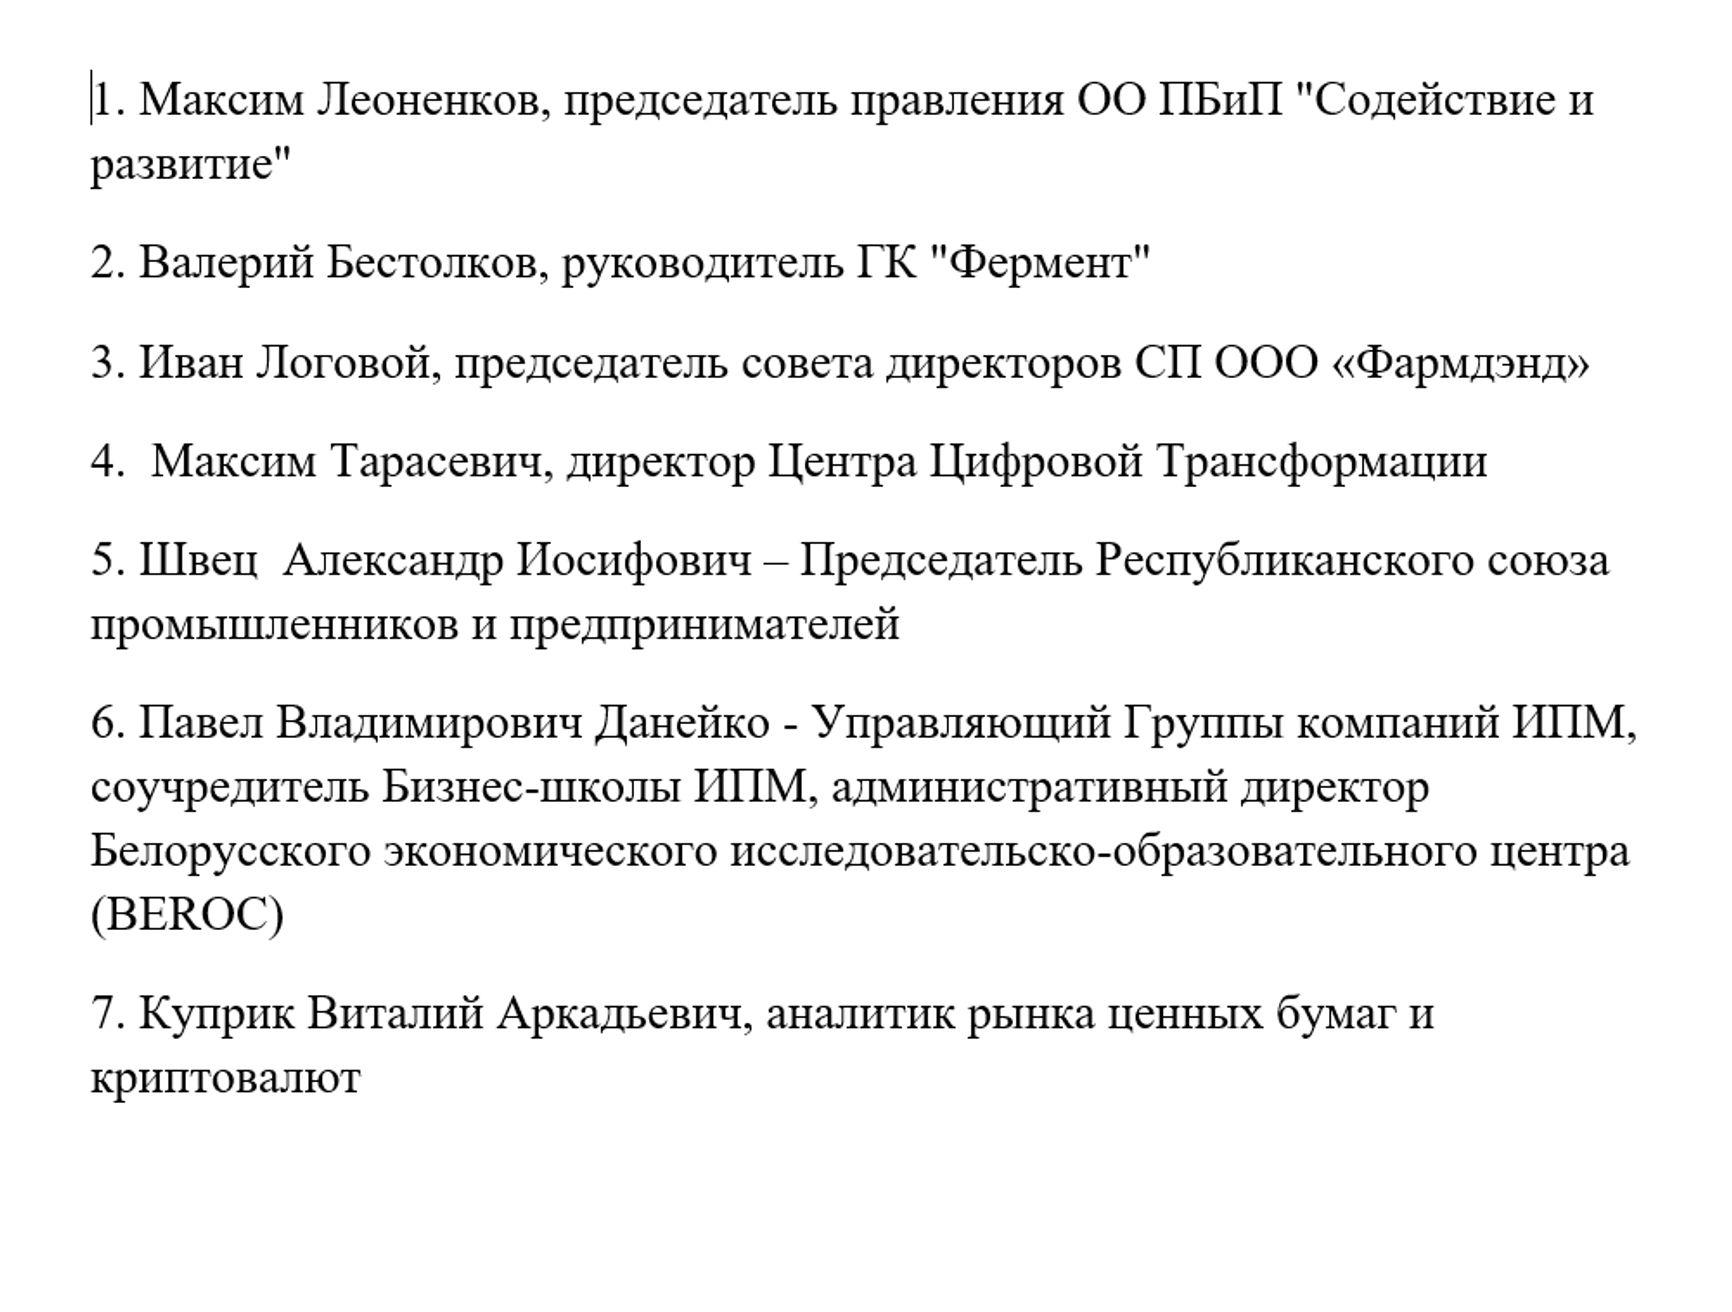 """В документе в названии компании Ивана Логового """"Фармлэнд"""" допущена опечатка"""